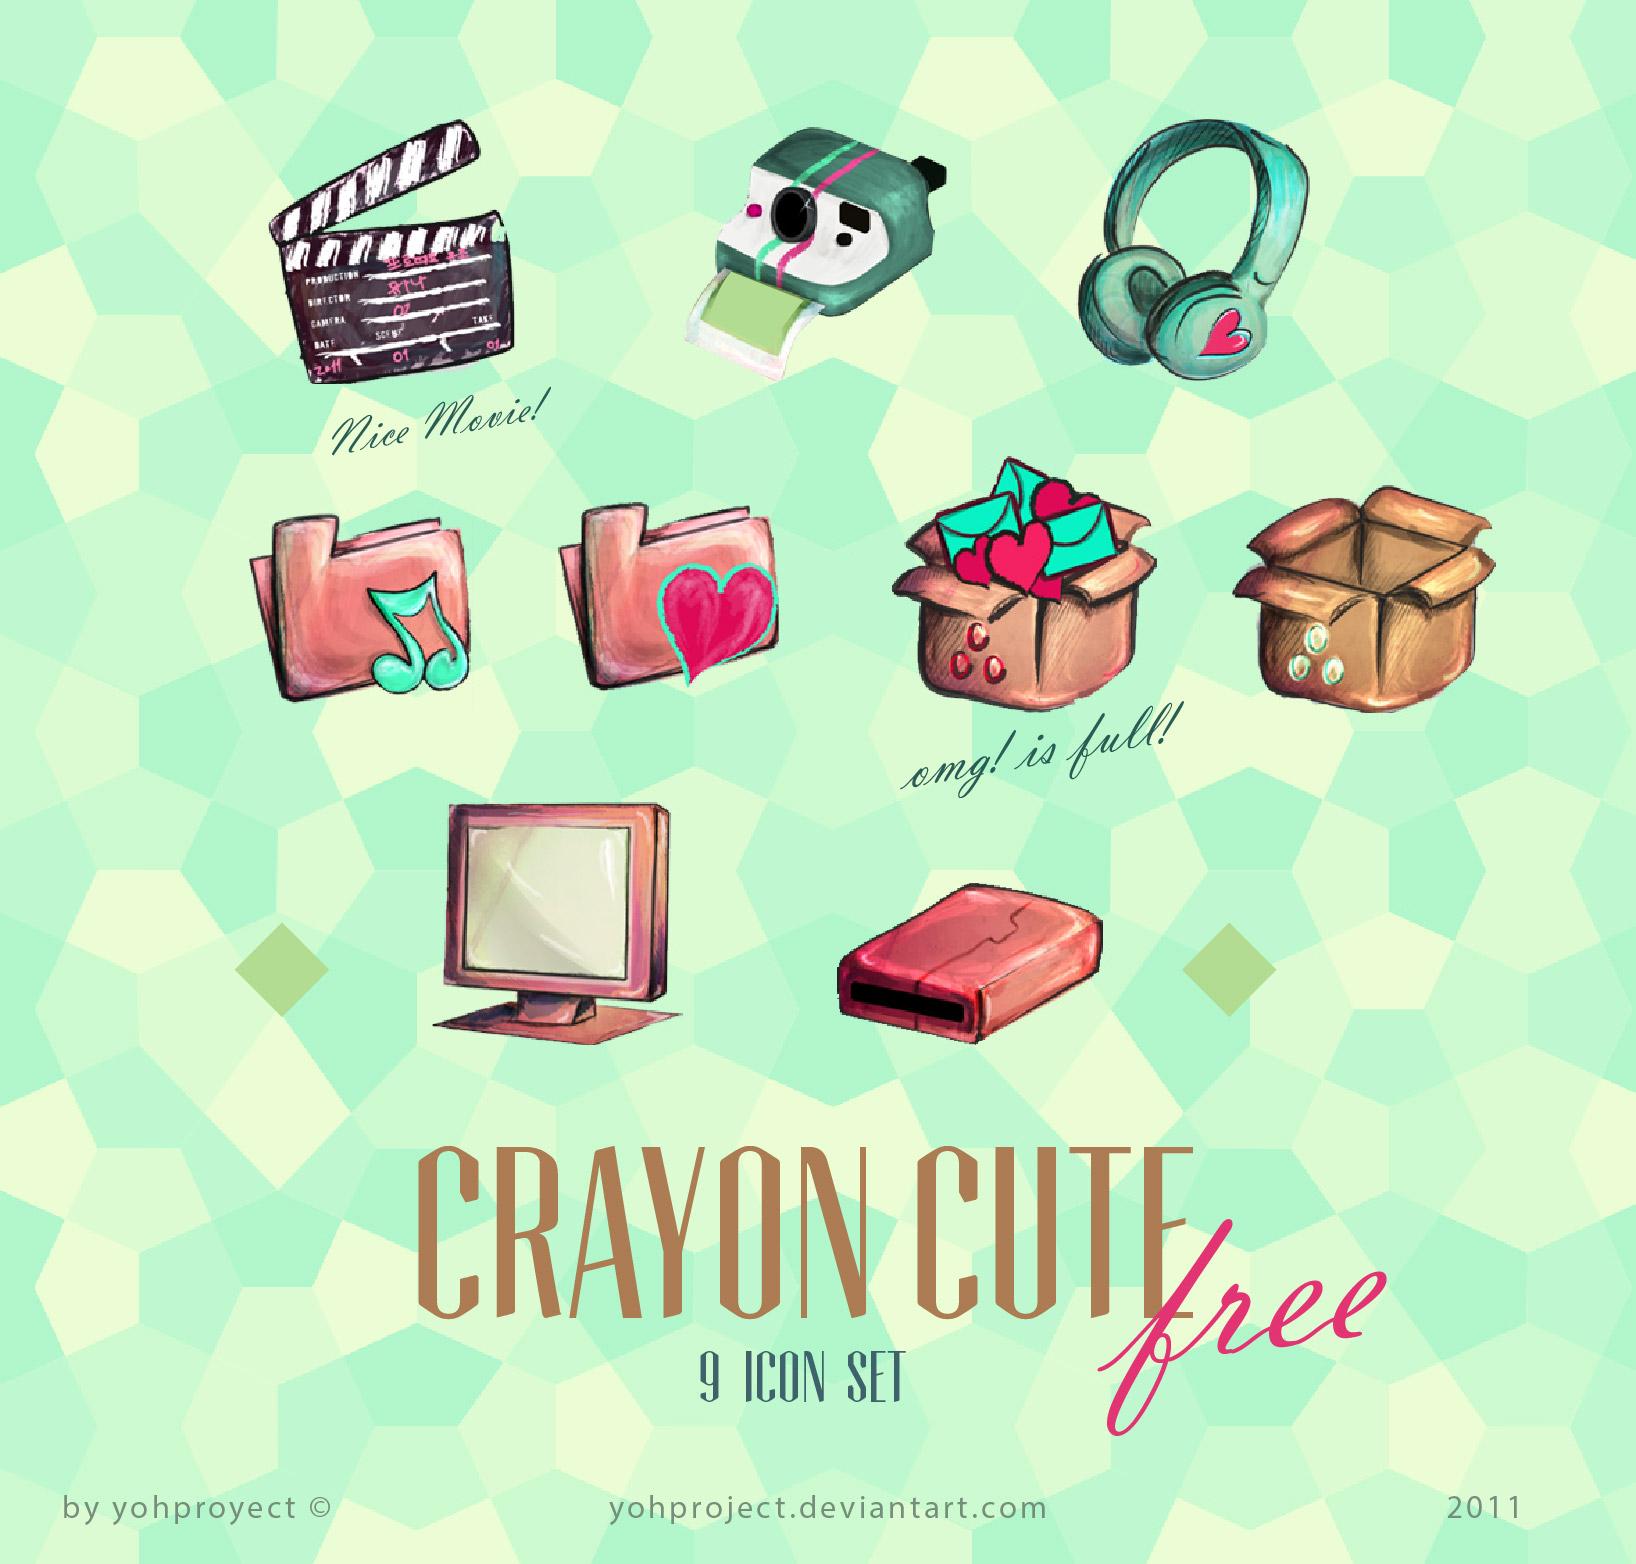 Crayon Cute Korean icons